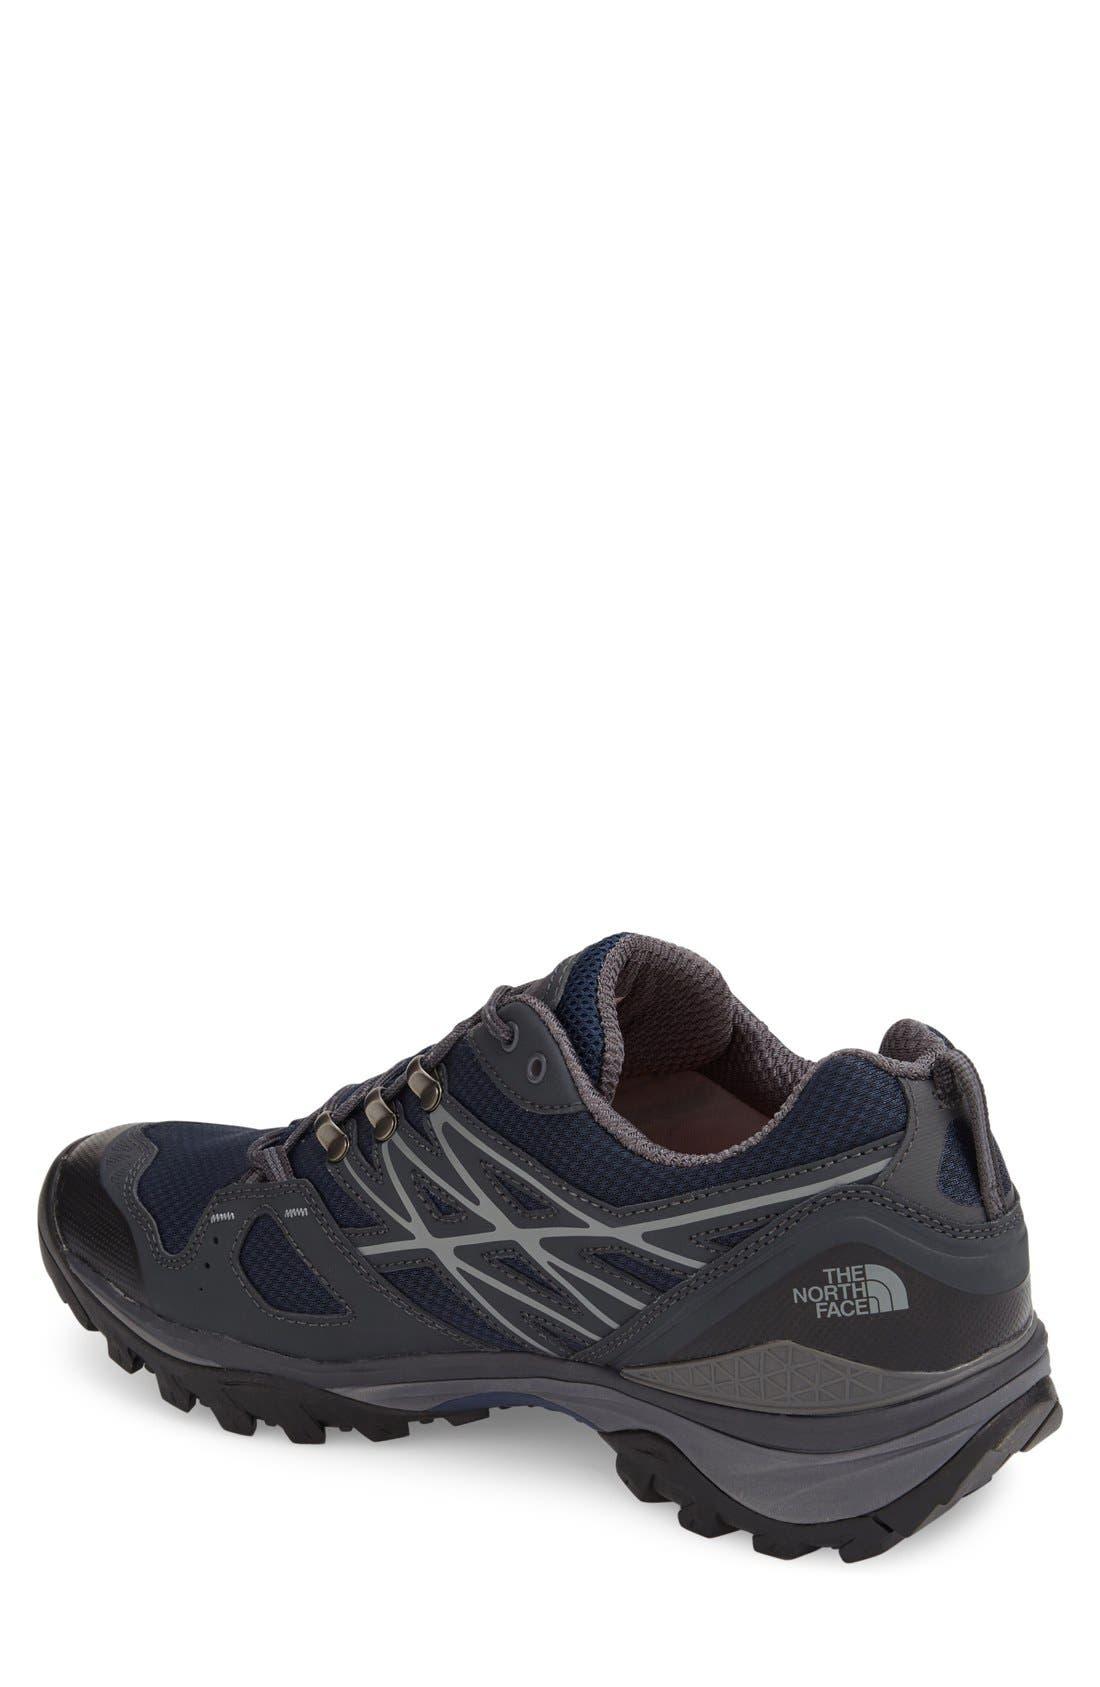 'Hedgehog Fastpack' Gore-Tex<sup>®</sup> Waterproof Hiking Shoe,                             Alternate thumbnail 8, color,